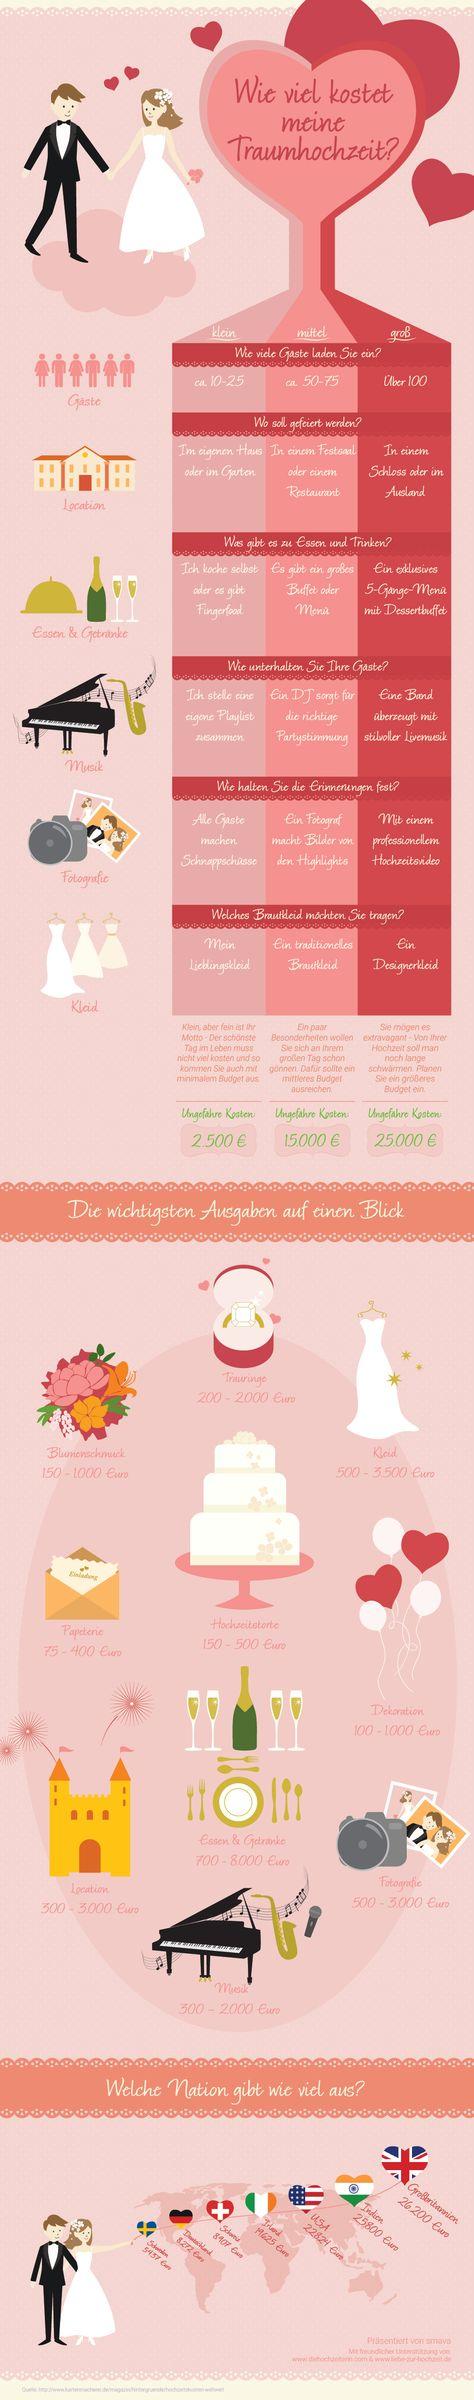 Wieviel kostet eine Hochzeit? Hochzeitskosten im Überblick